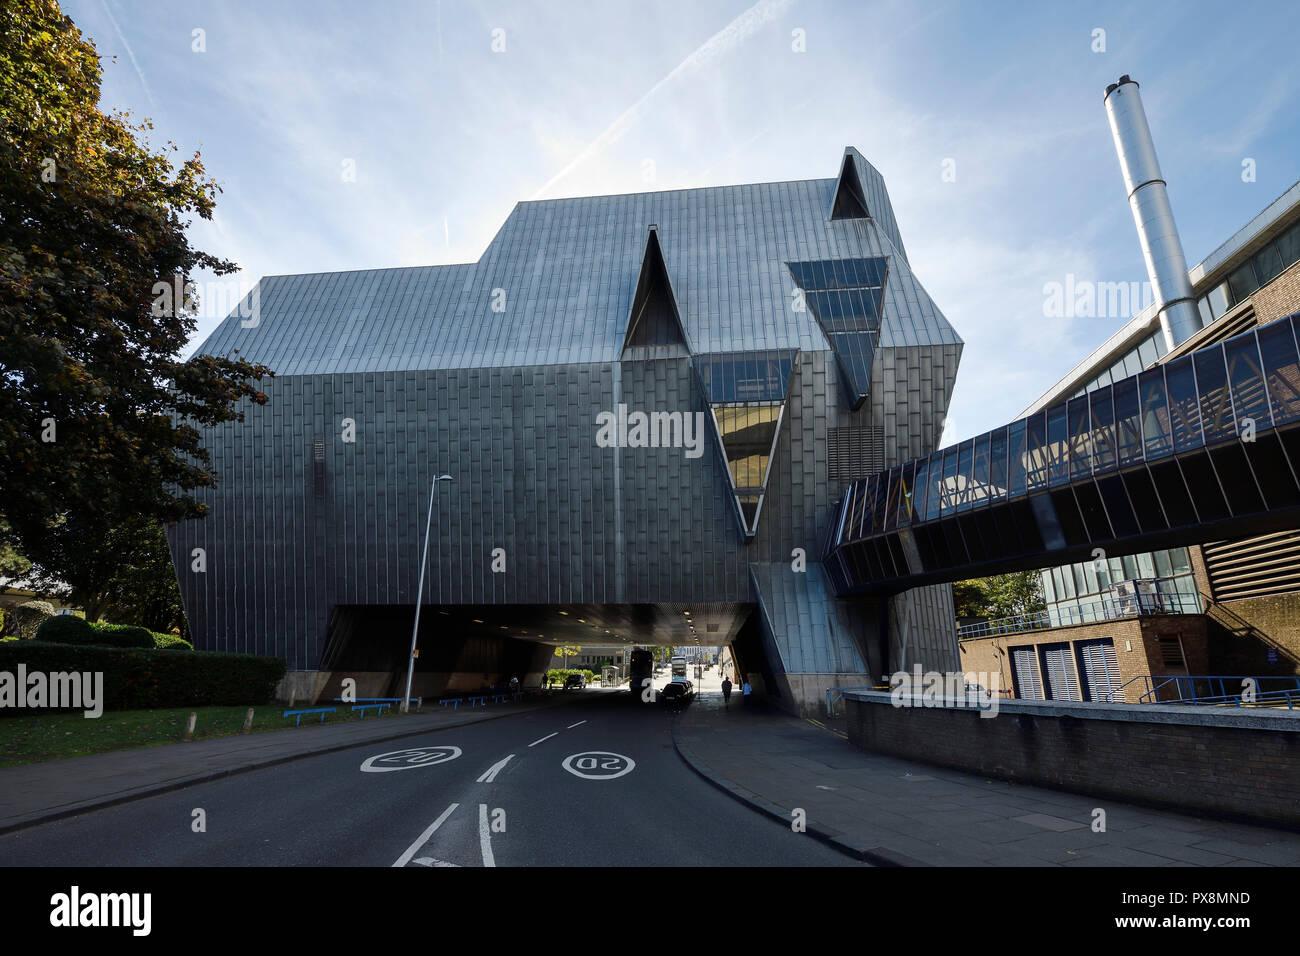 El icónico edificio elefante centro deportivo anexo sobre Cox Street, en el centro de la ciudad de Coventry Reino Unido Foto de stock